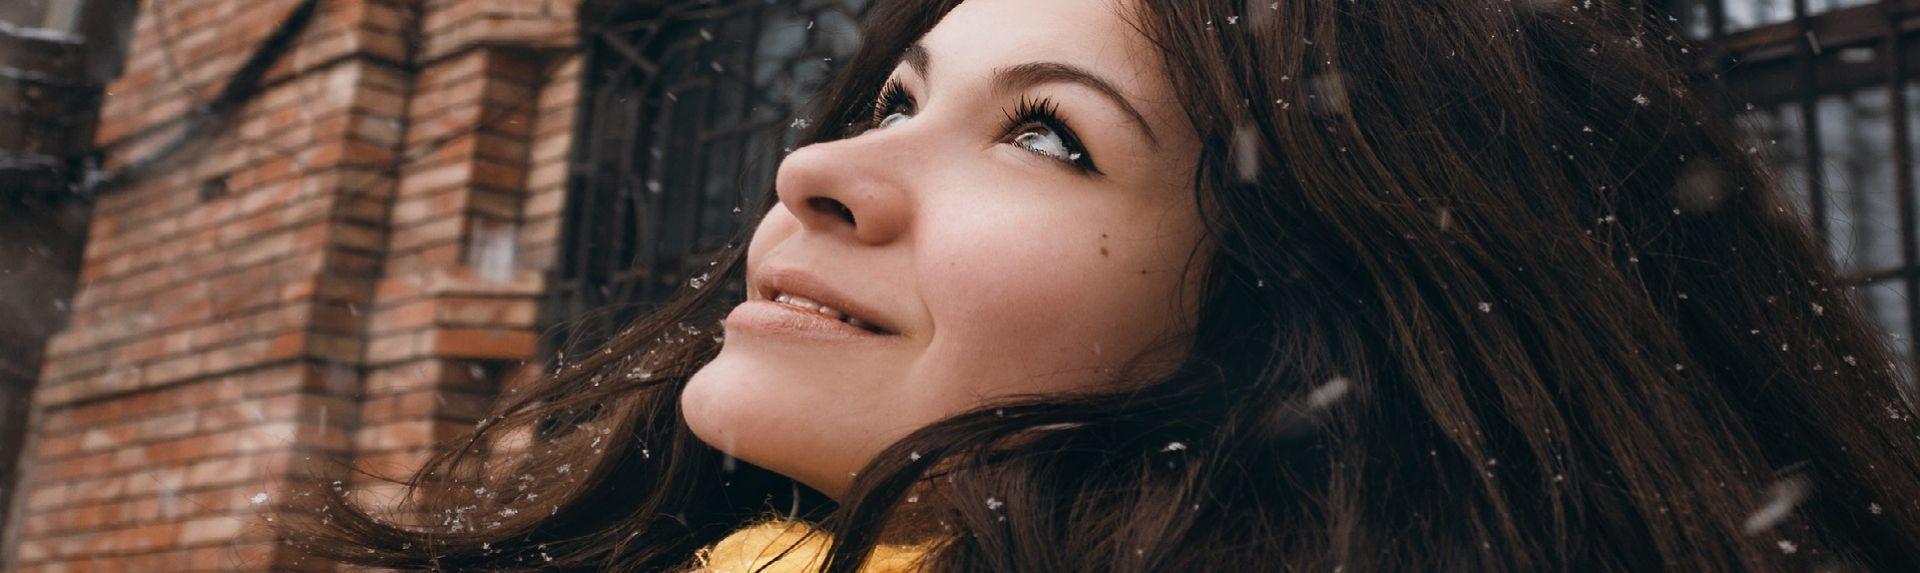 Избыток эстрогенов у женщин: лечение, симптомы